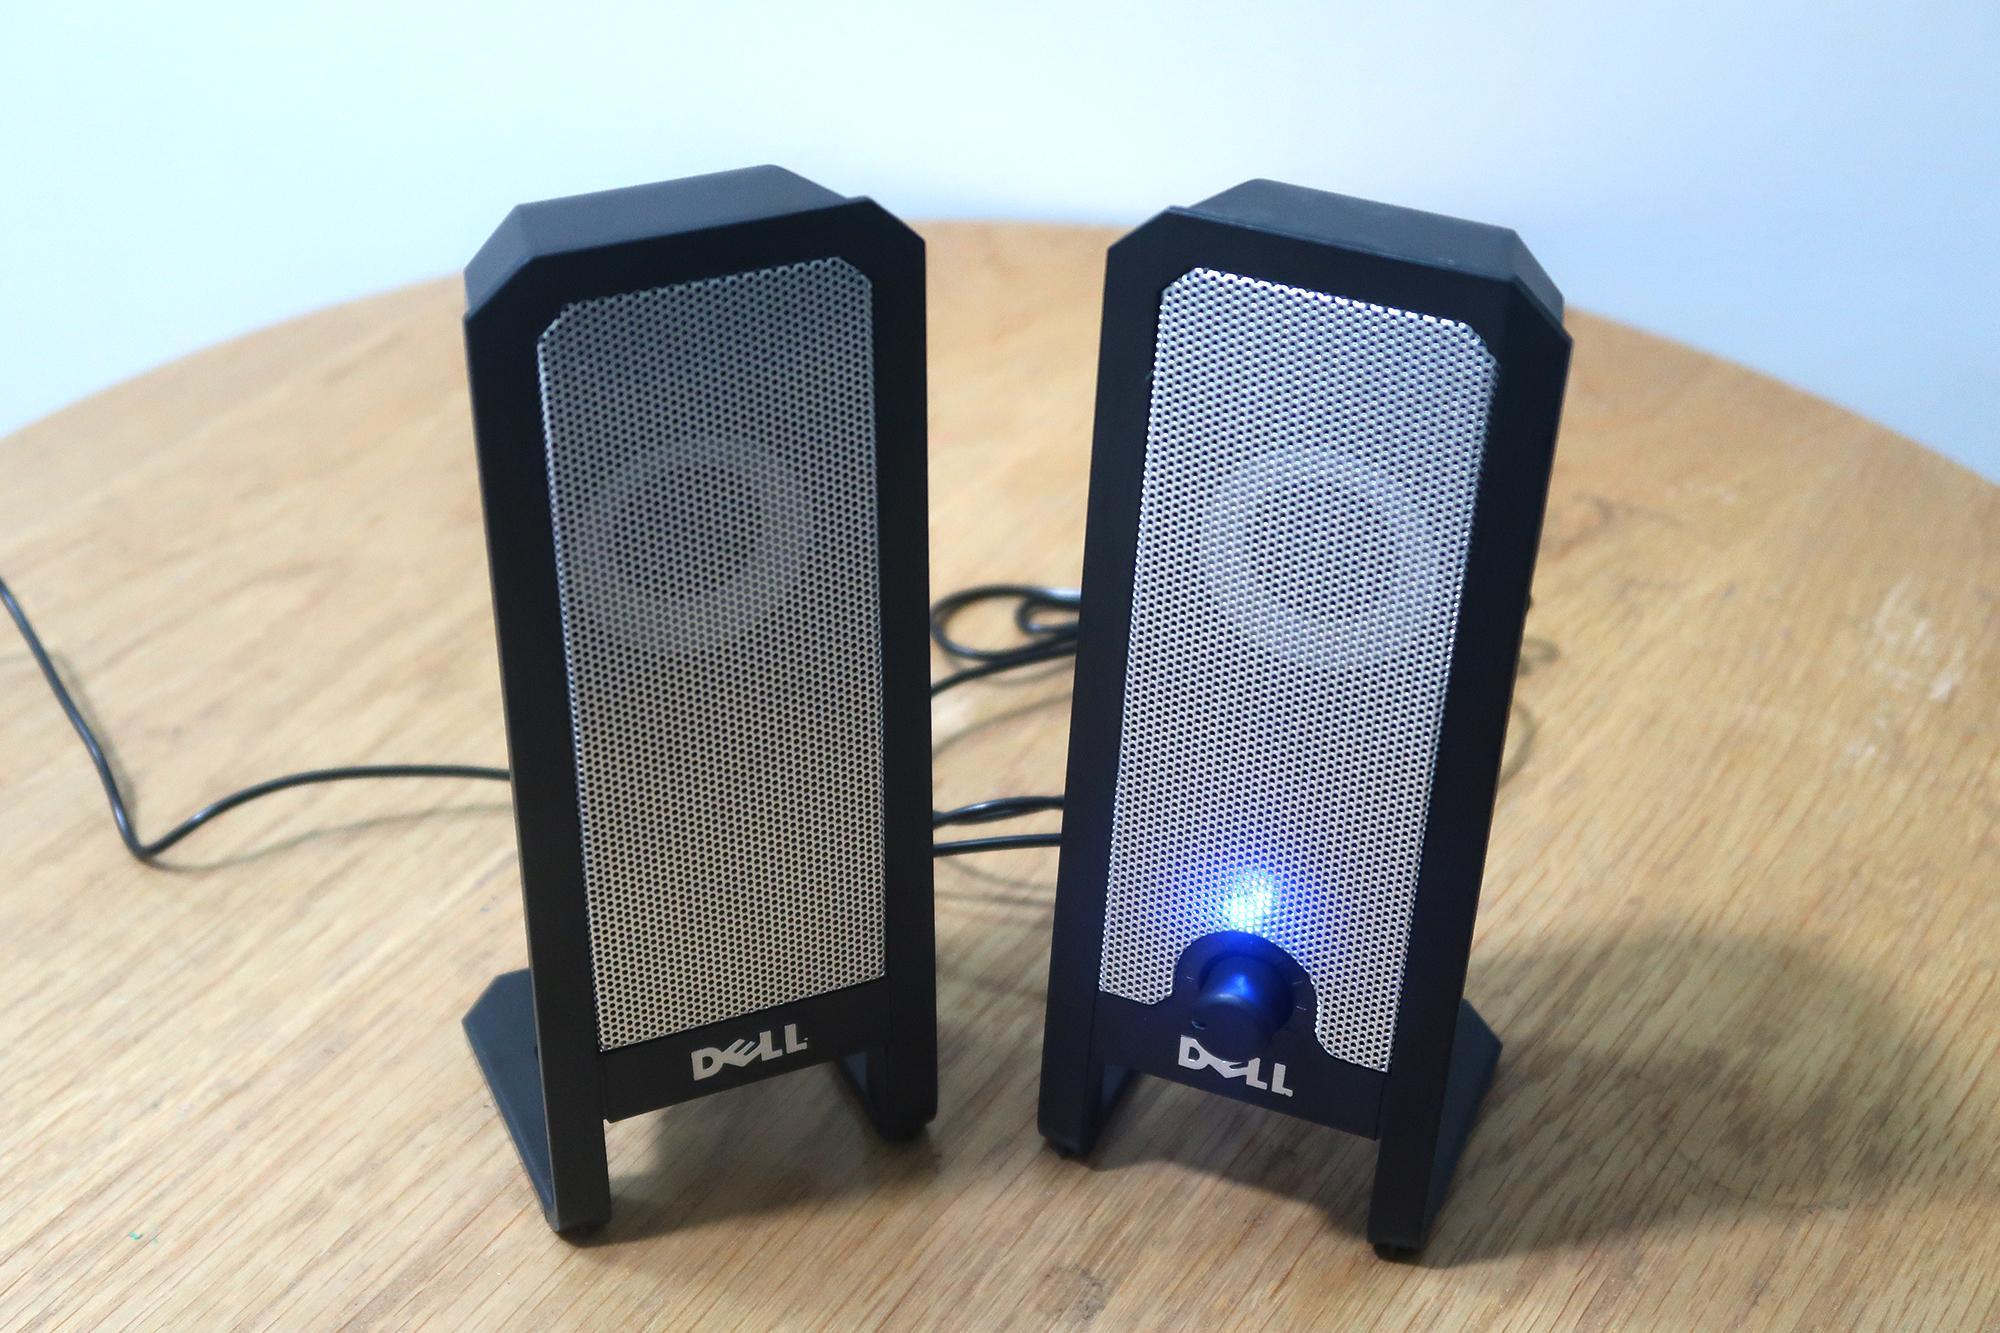 Loa Vi Tính Dell A225 Dùng Cho điện Thoại, Máy Tính, Laptop... Nguồn USB Đang Khuyến Mãi